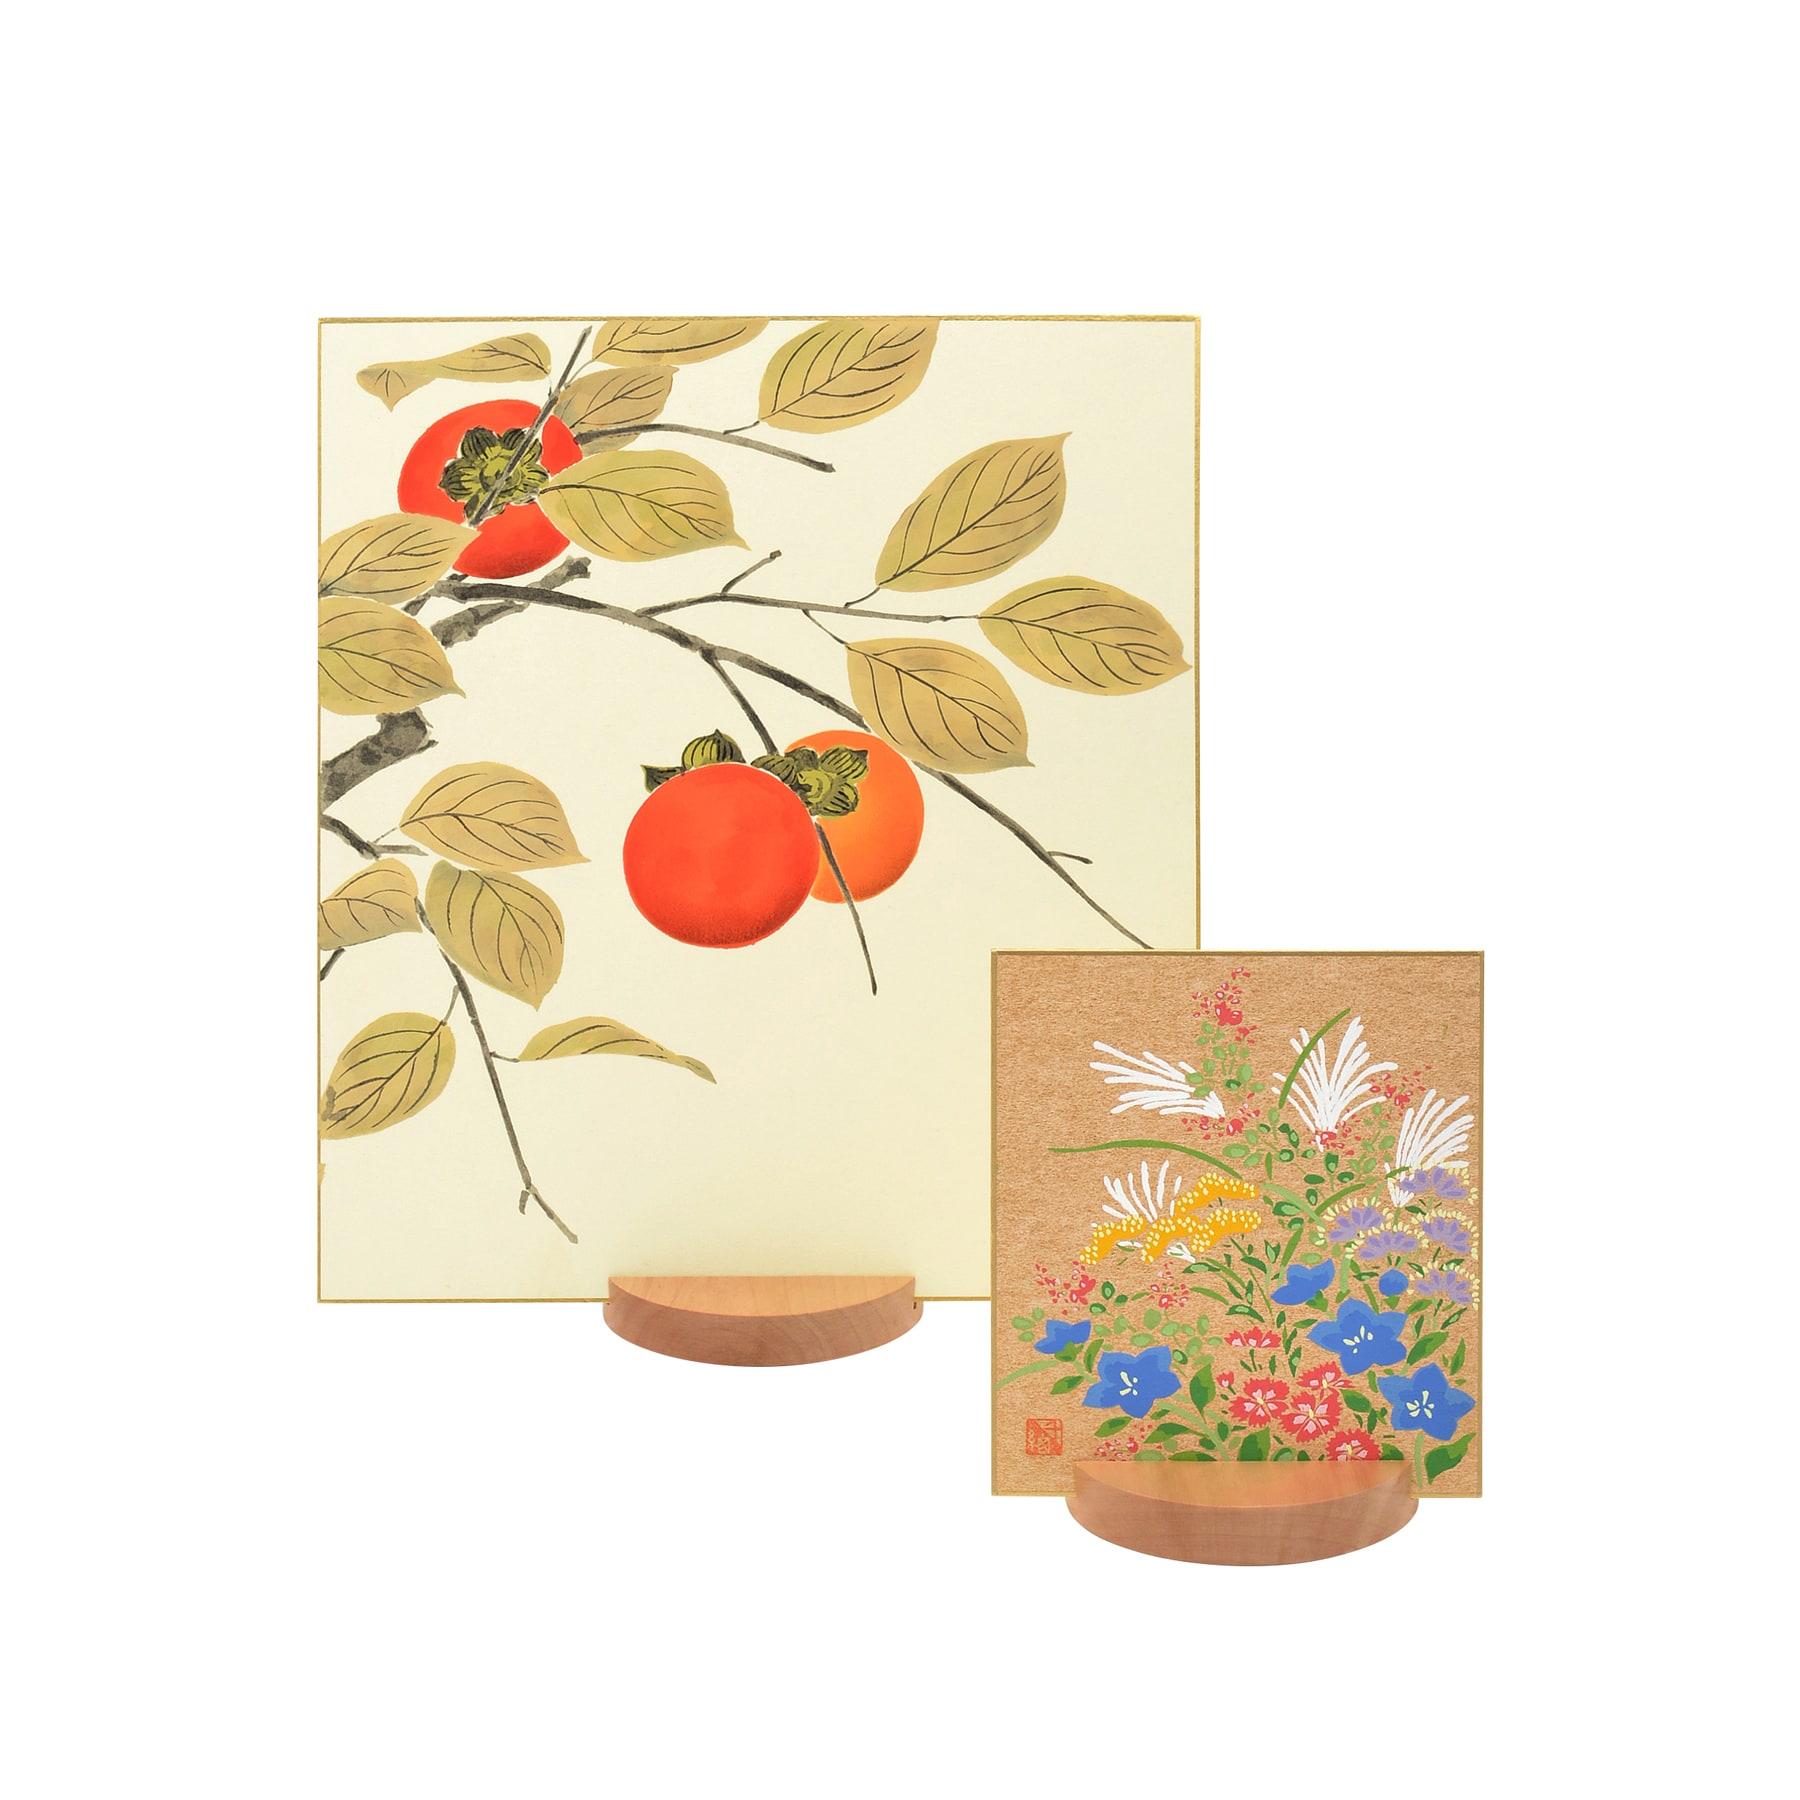 【友禅色紙】 秋のセット 03 | 大 小 2枚組